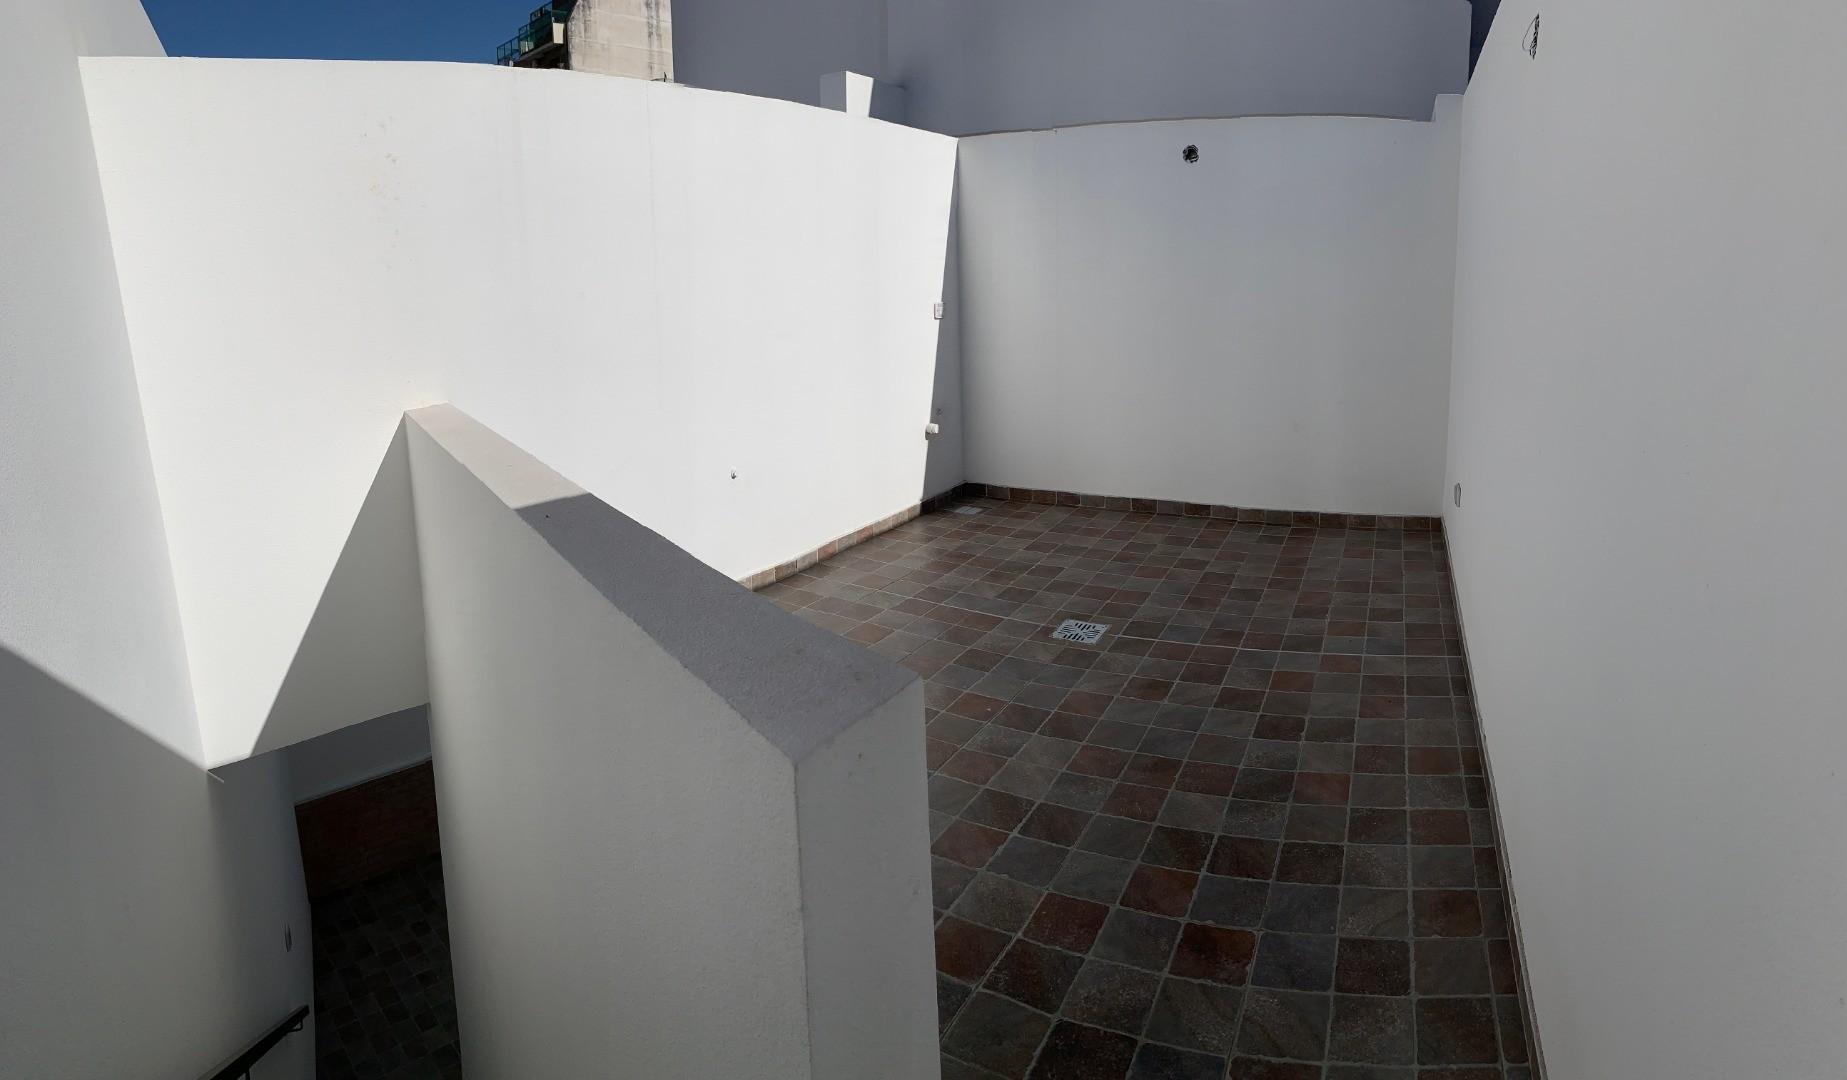 Departamento tipo casa, 3 ambientes con cochera, patio y terraza! SIN COMISIÓN  - Foto 17